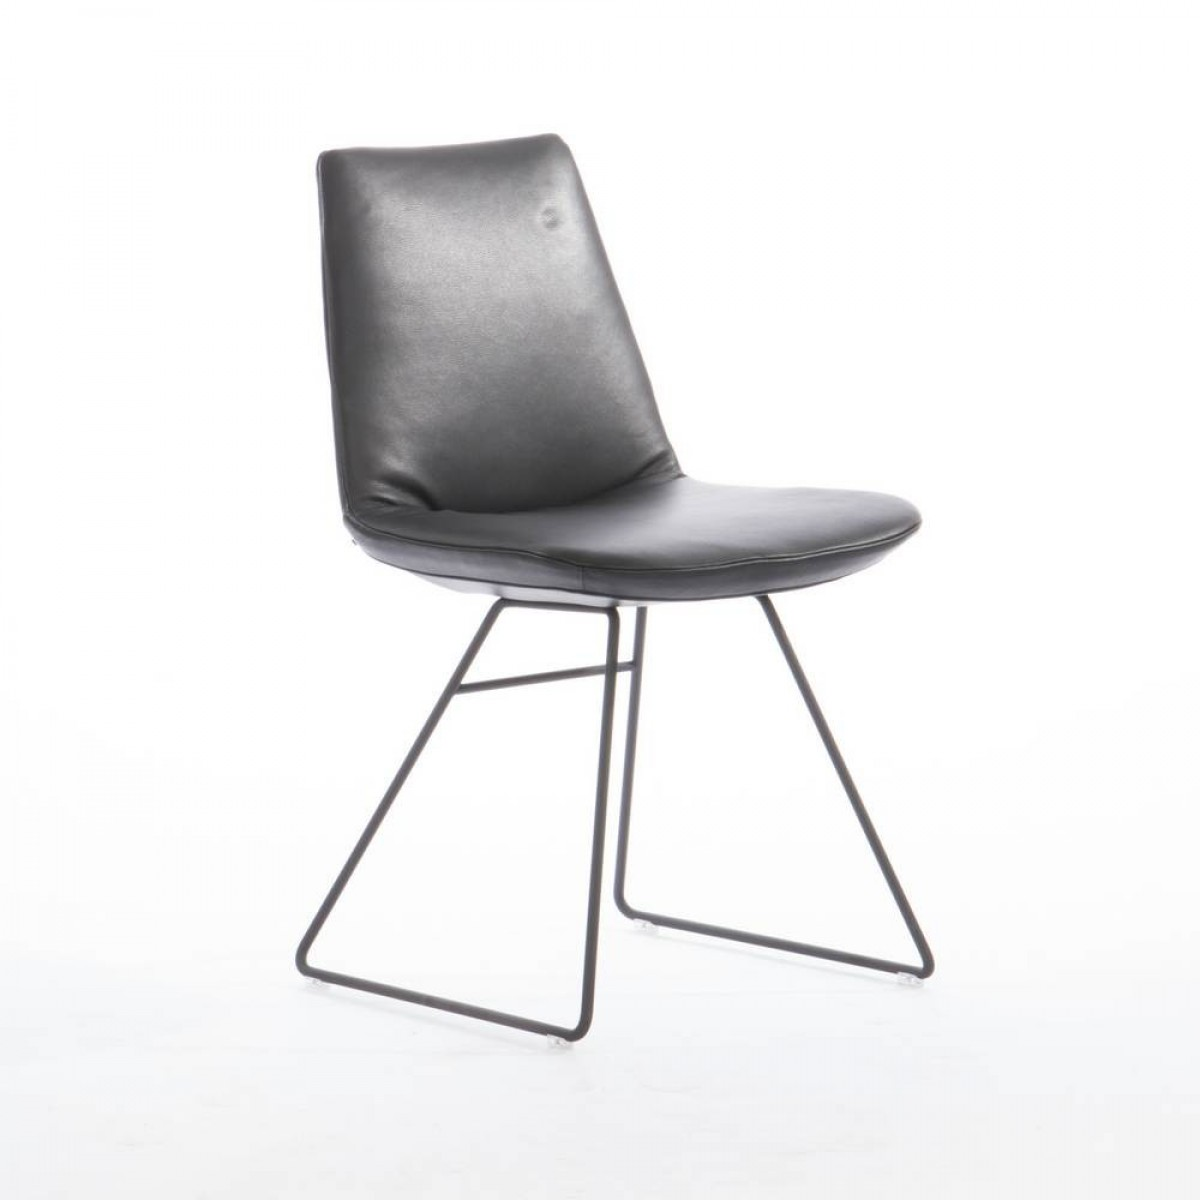 hester-design-stoel-slede-frame-leer-zwart-miltonhouse